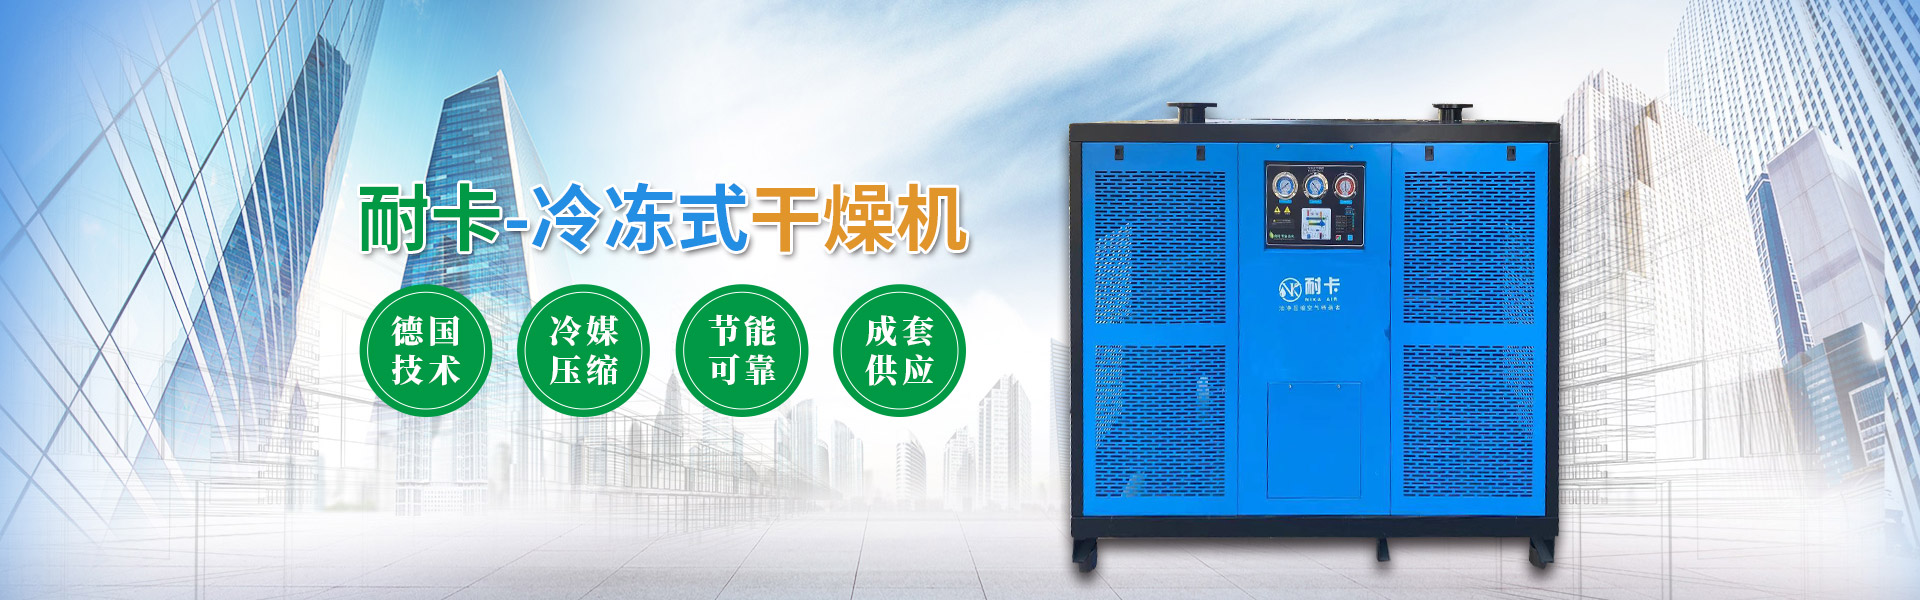 武汉干燥机